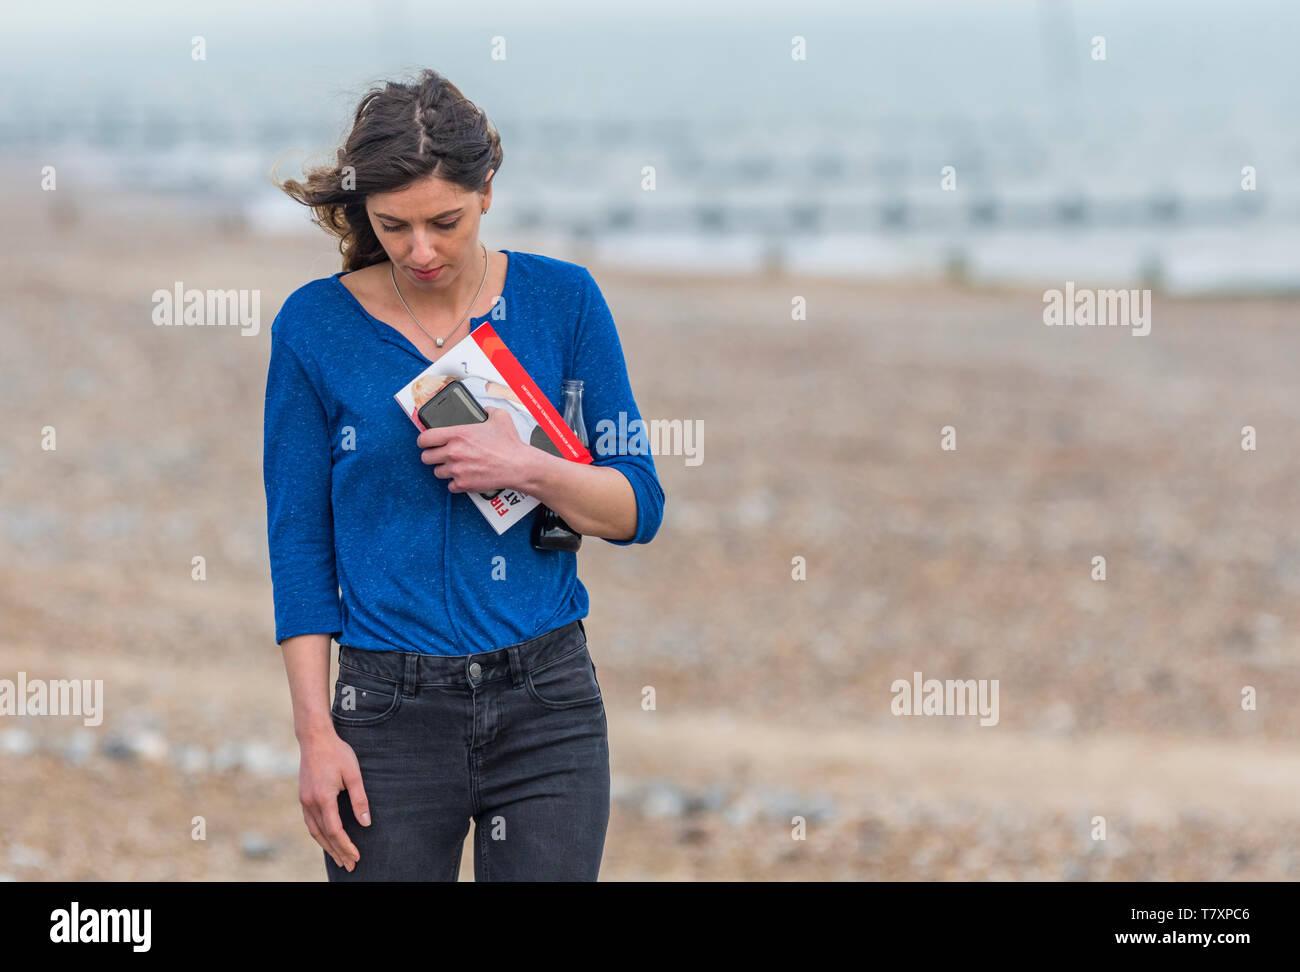 Junge Frau allein spazieren, beim Denken an einem Strand im Frühling. Einsame Frau alleine zu Fuß unterwegs. Zeit Konzept zu denken. Einsamkeit Konzept. Stockbild